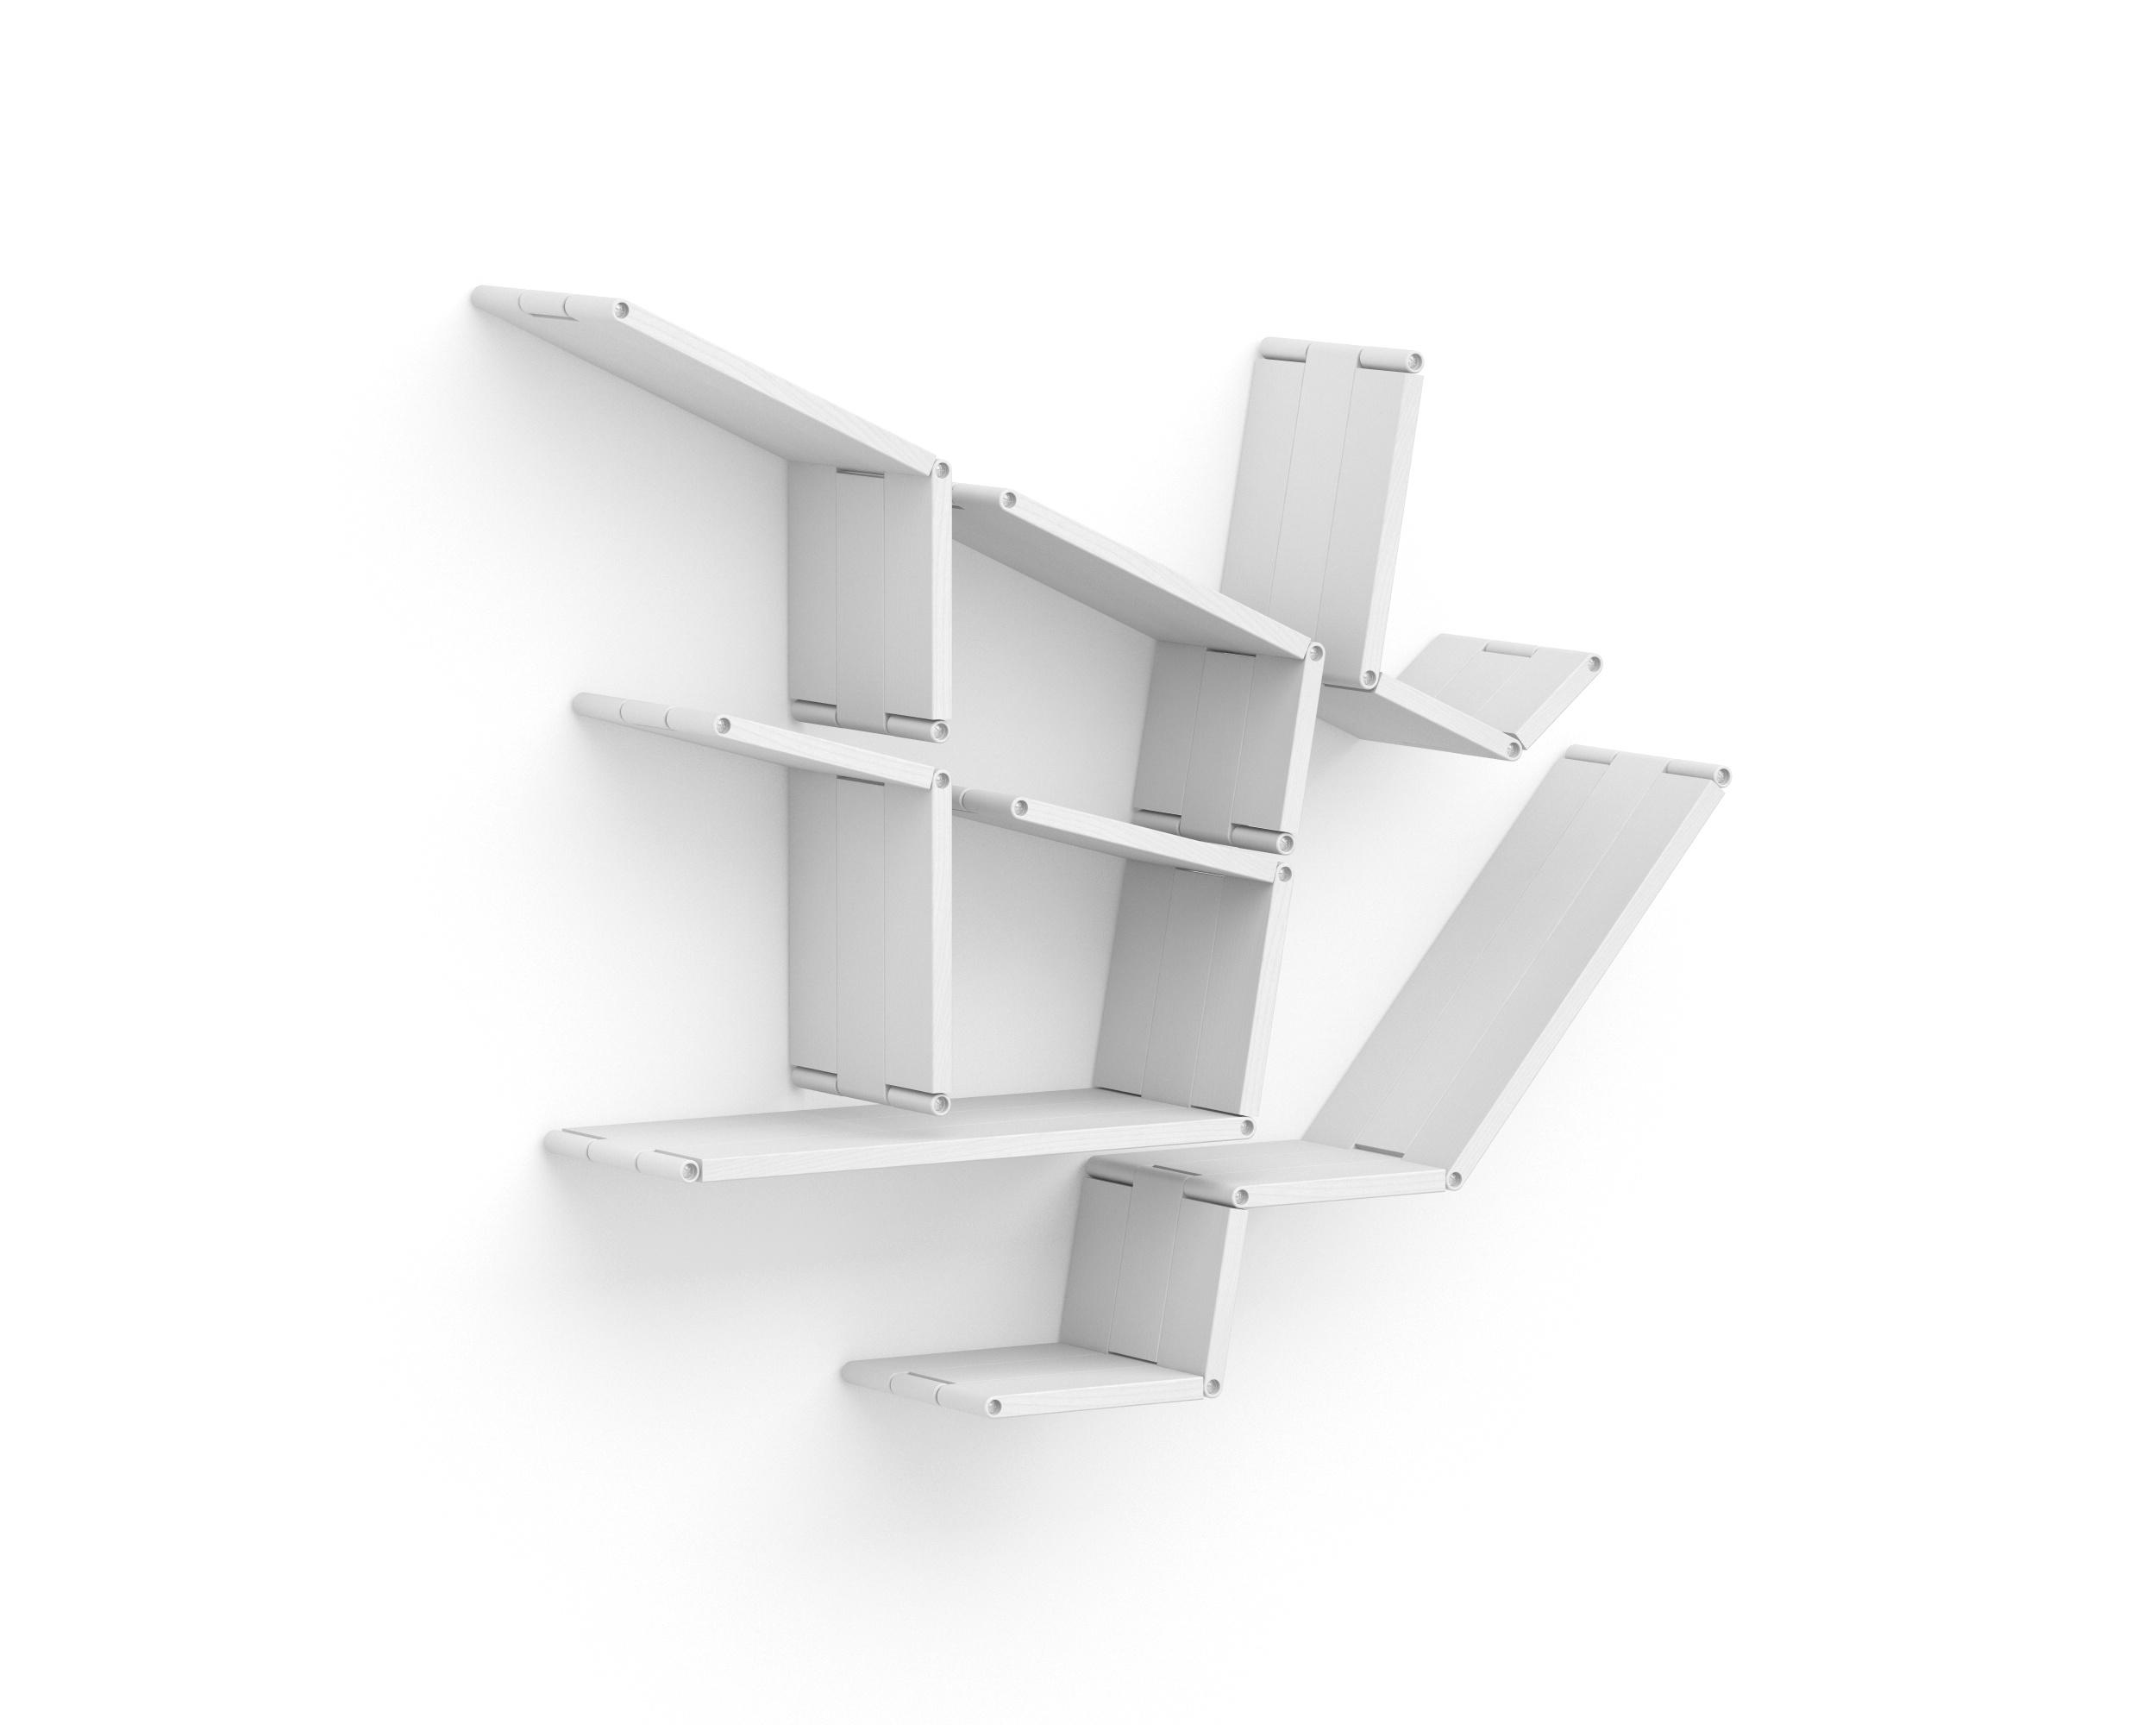 Полка-конструктор LATITUDE Flex Shelf set 168Полки<br>Творческие натуры и любители абстракции будут без ума от полки &amp;quot;Latitude Flex Shelf Set 168&amp;quot;. Этот &amp;quot;конструктор для взрослых&amp;quot; позволит им не только проявить фантазию, но у улучшить функционал каждого помещения. Собрав его по своему усмотрению, они смогут создать удобные места для хранения любых форм и пропорций. Белый цвет и лаконичный дизайн помогут новому предмету интерьера гармонично вписаться в современное оформление любой палитры.<br><br>Material: Ясень<br>Ширина см: 96.0<br>Высота см: 89.0<br>Глубина см: 22.0